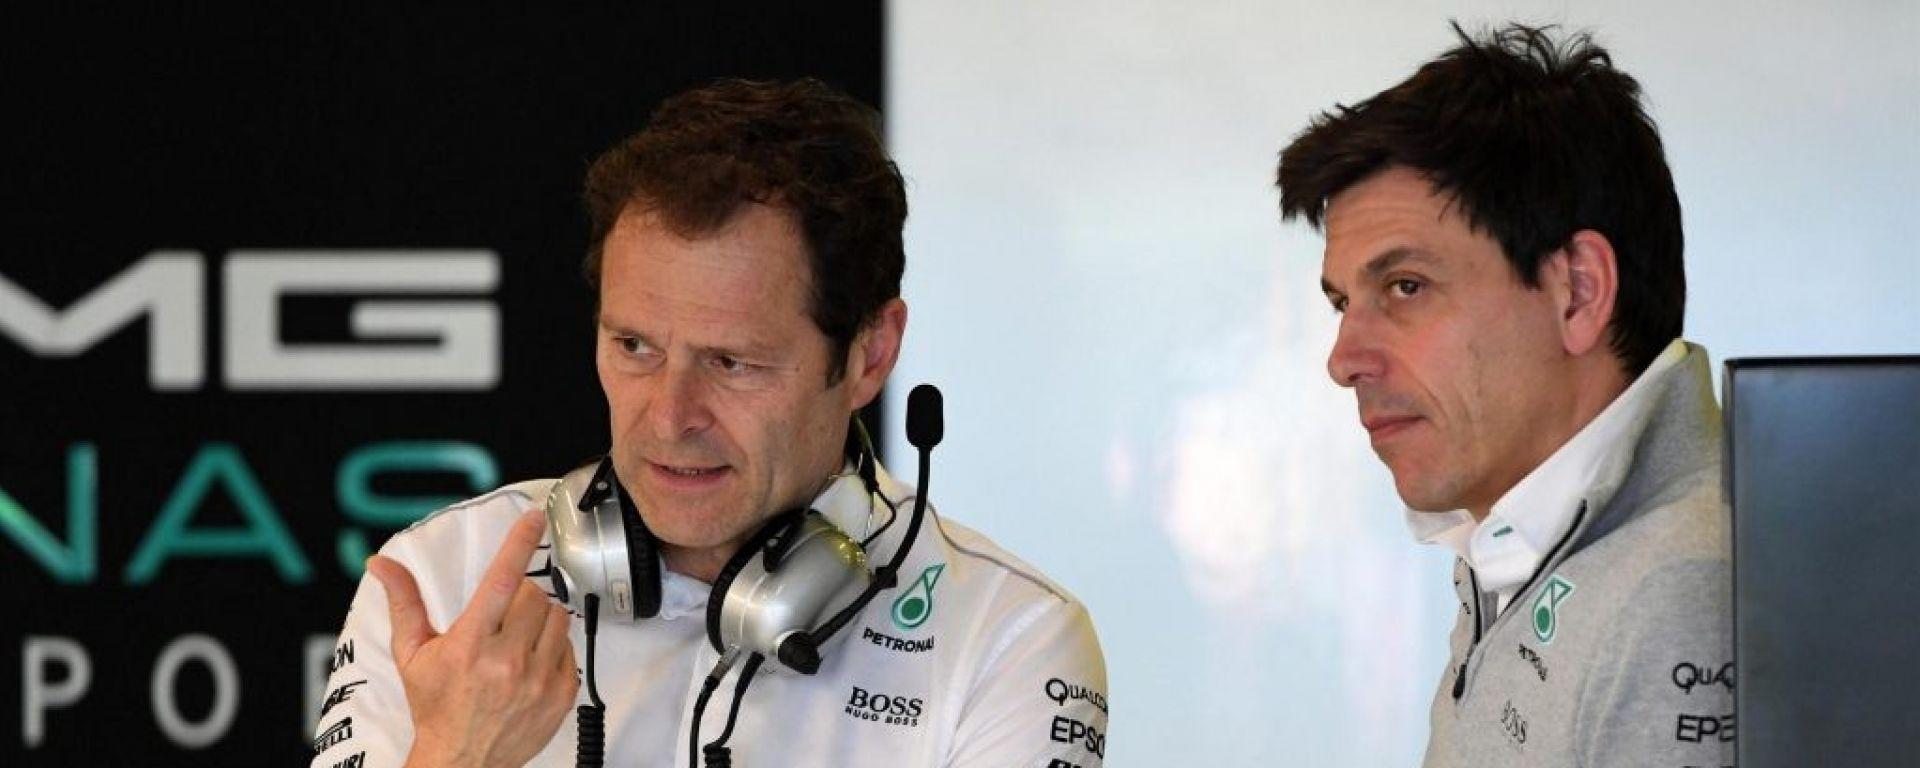 F1 2018, Mercedes, Aldo Costa e Toto Wolff